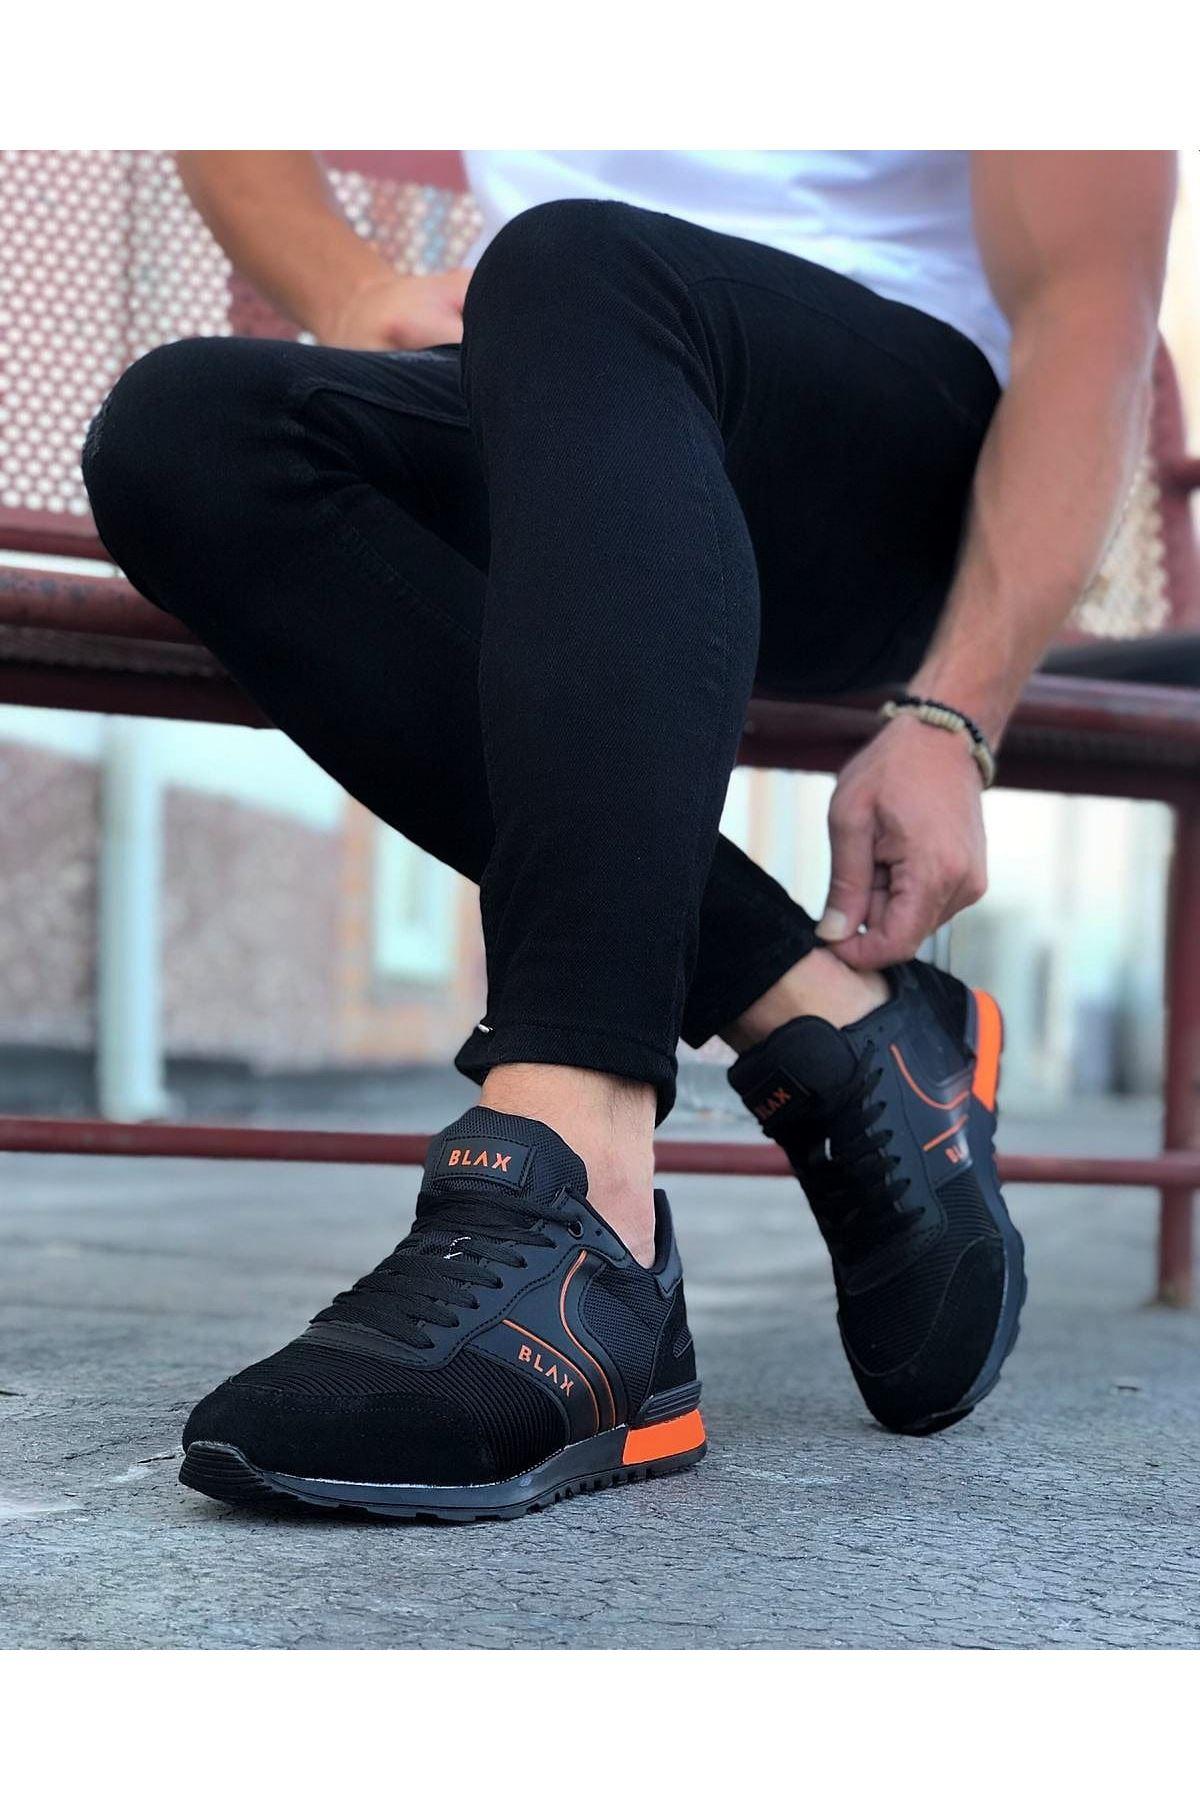 Wagoon WG014 Siyah Turuncu Erkek Spor Ayakkabı